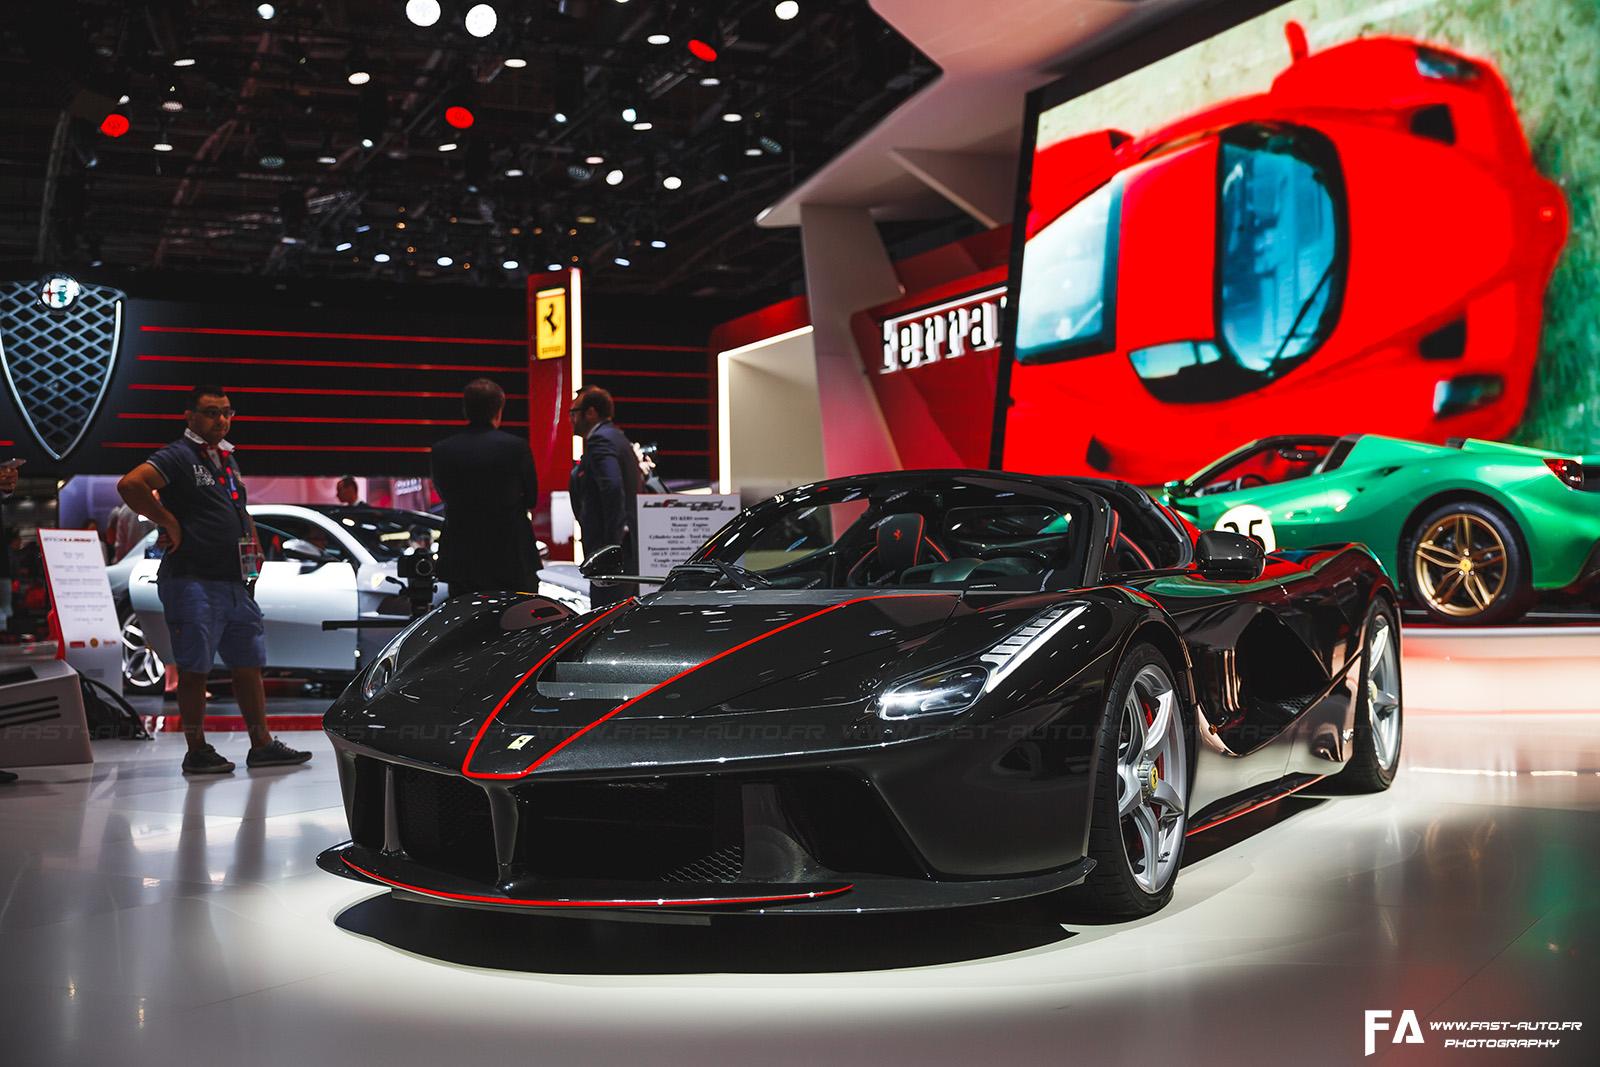 Ferrari LaFerrari Aperta Mondial de l'Automobile Paris 2016 - Photos